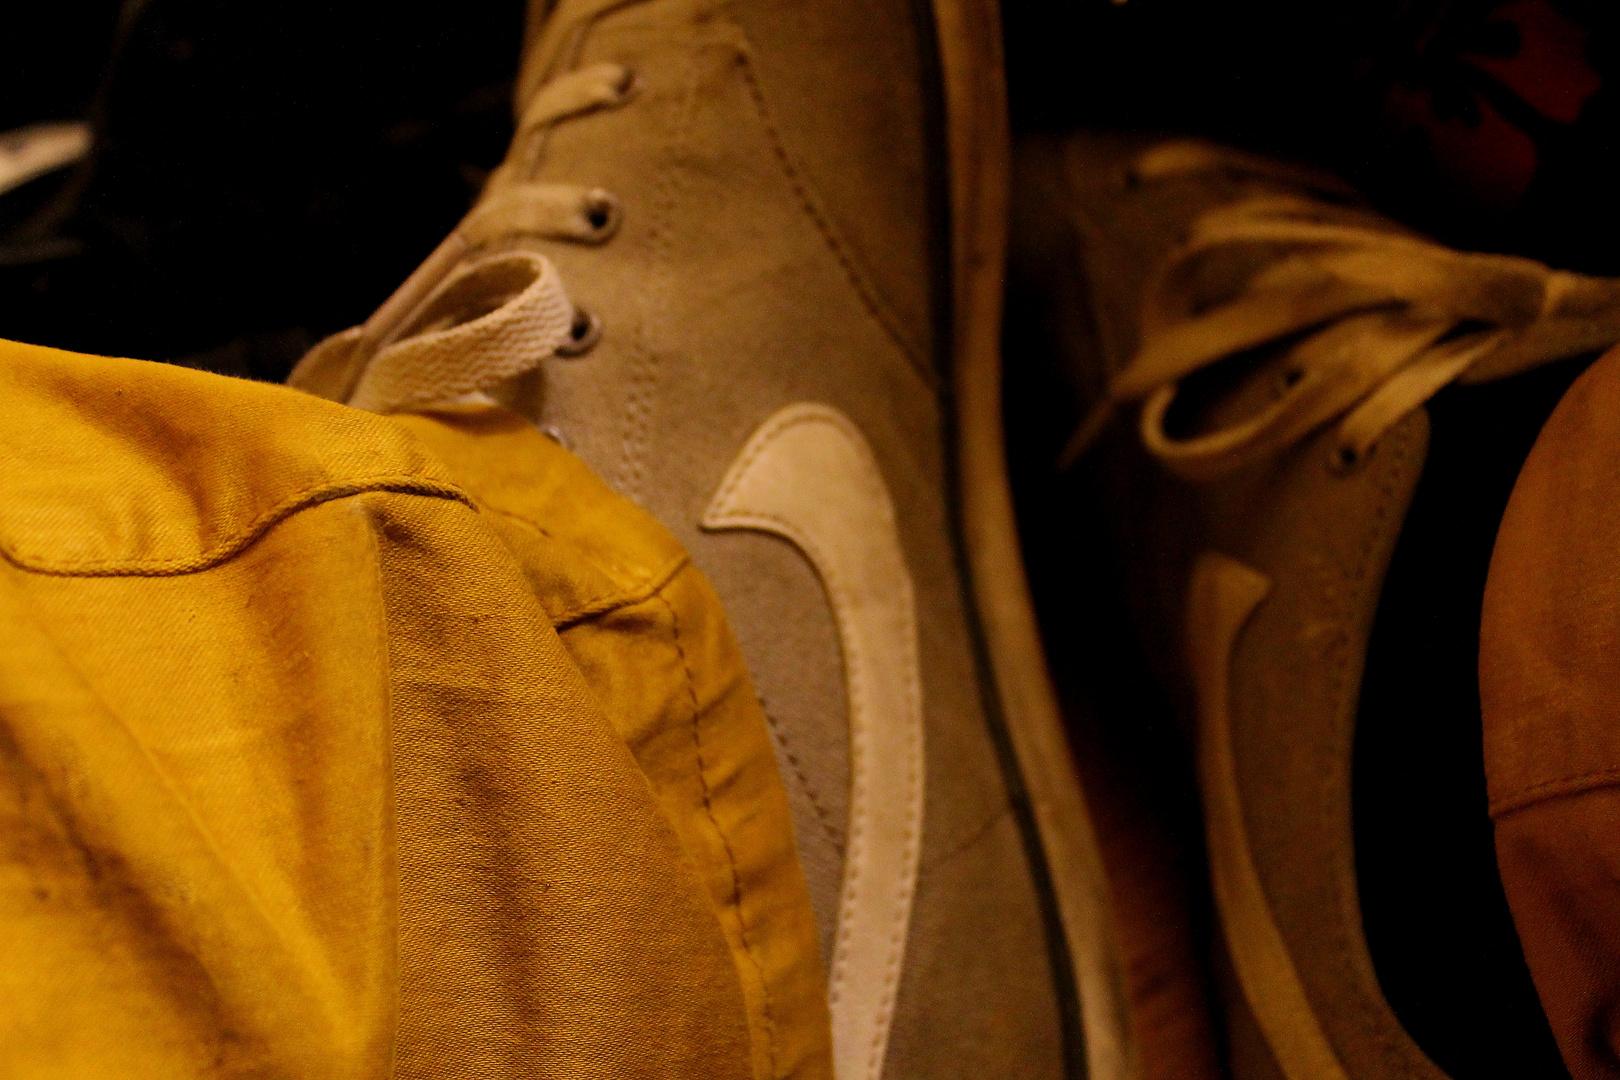 ........und seine Schuhe!?!